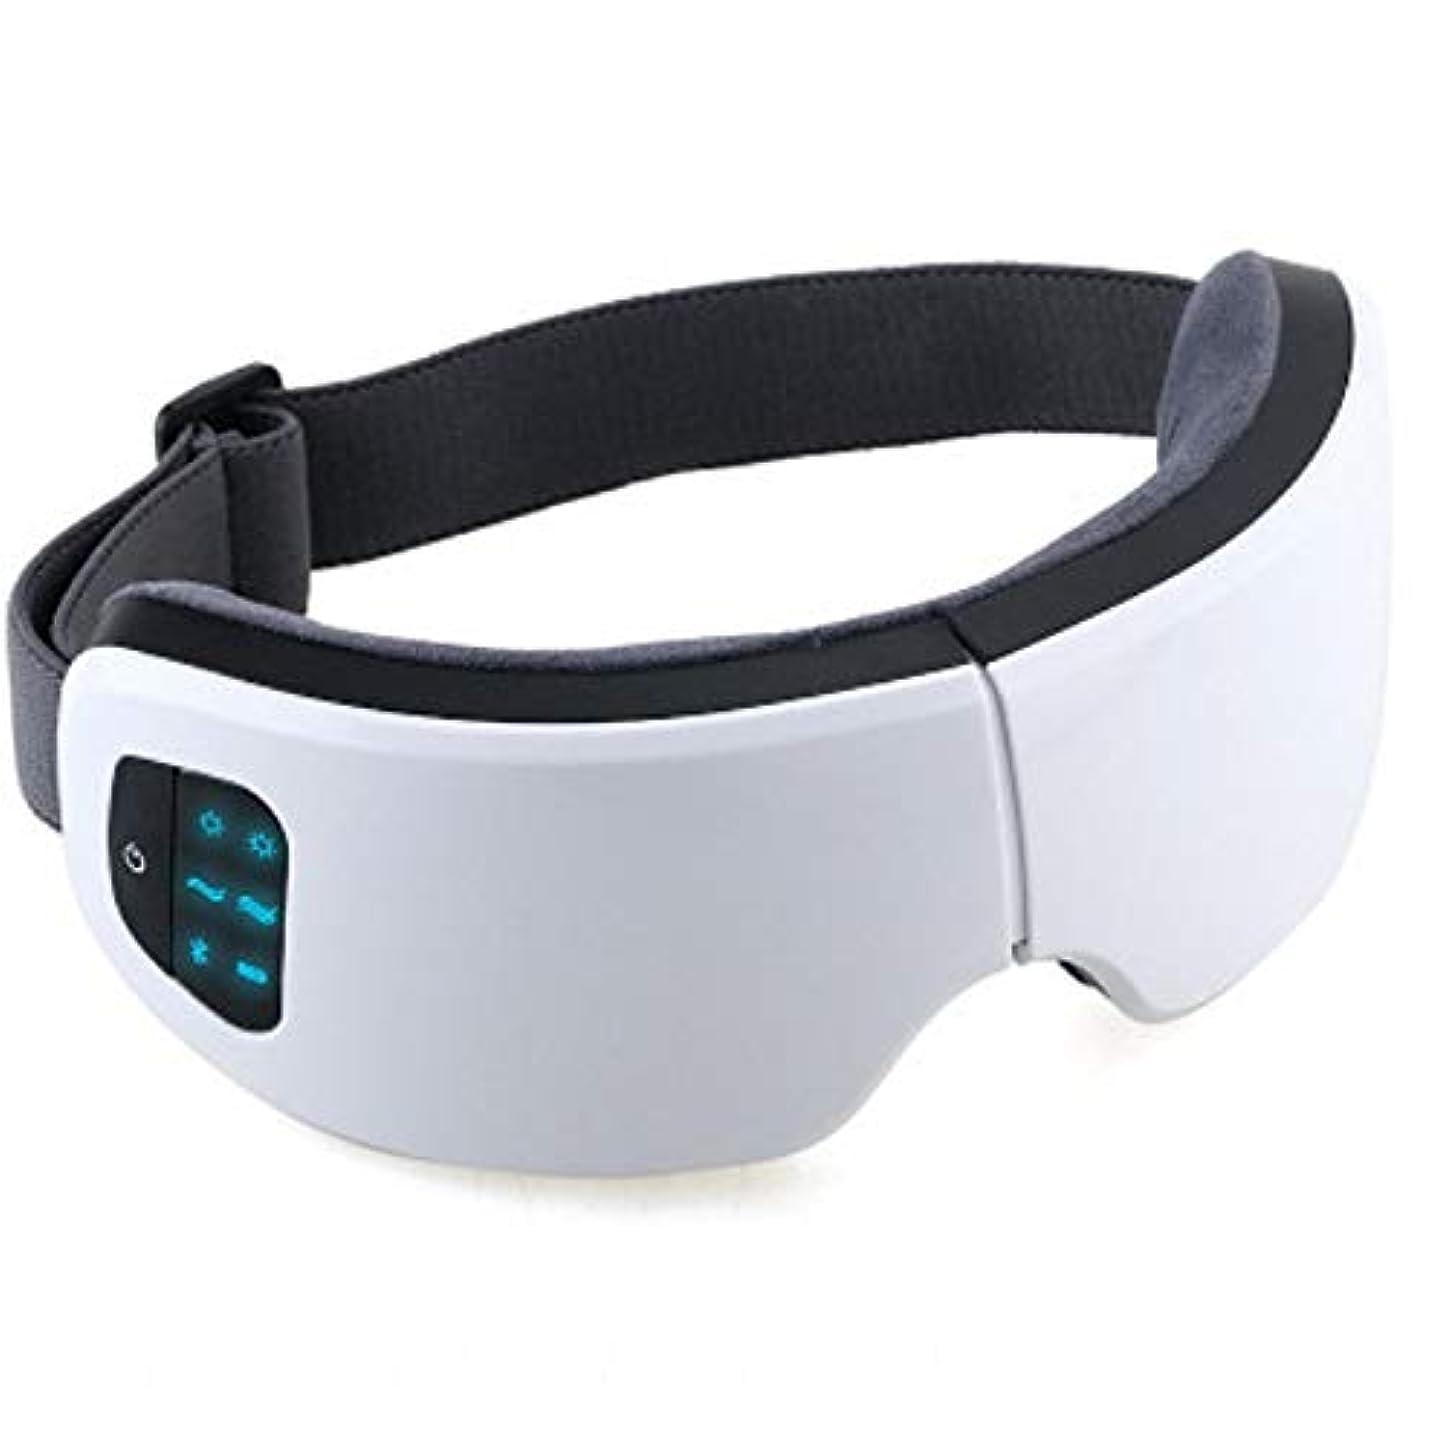 系統的会員ガイドRuzzy 高度の目のマッサージャー、暖房モードの無線再充電可能な折る目のマッサージャー 購入へようこそ